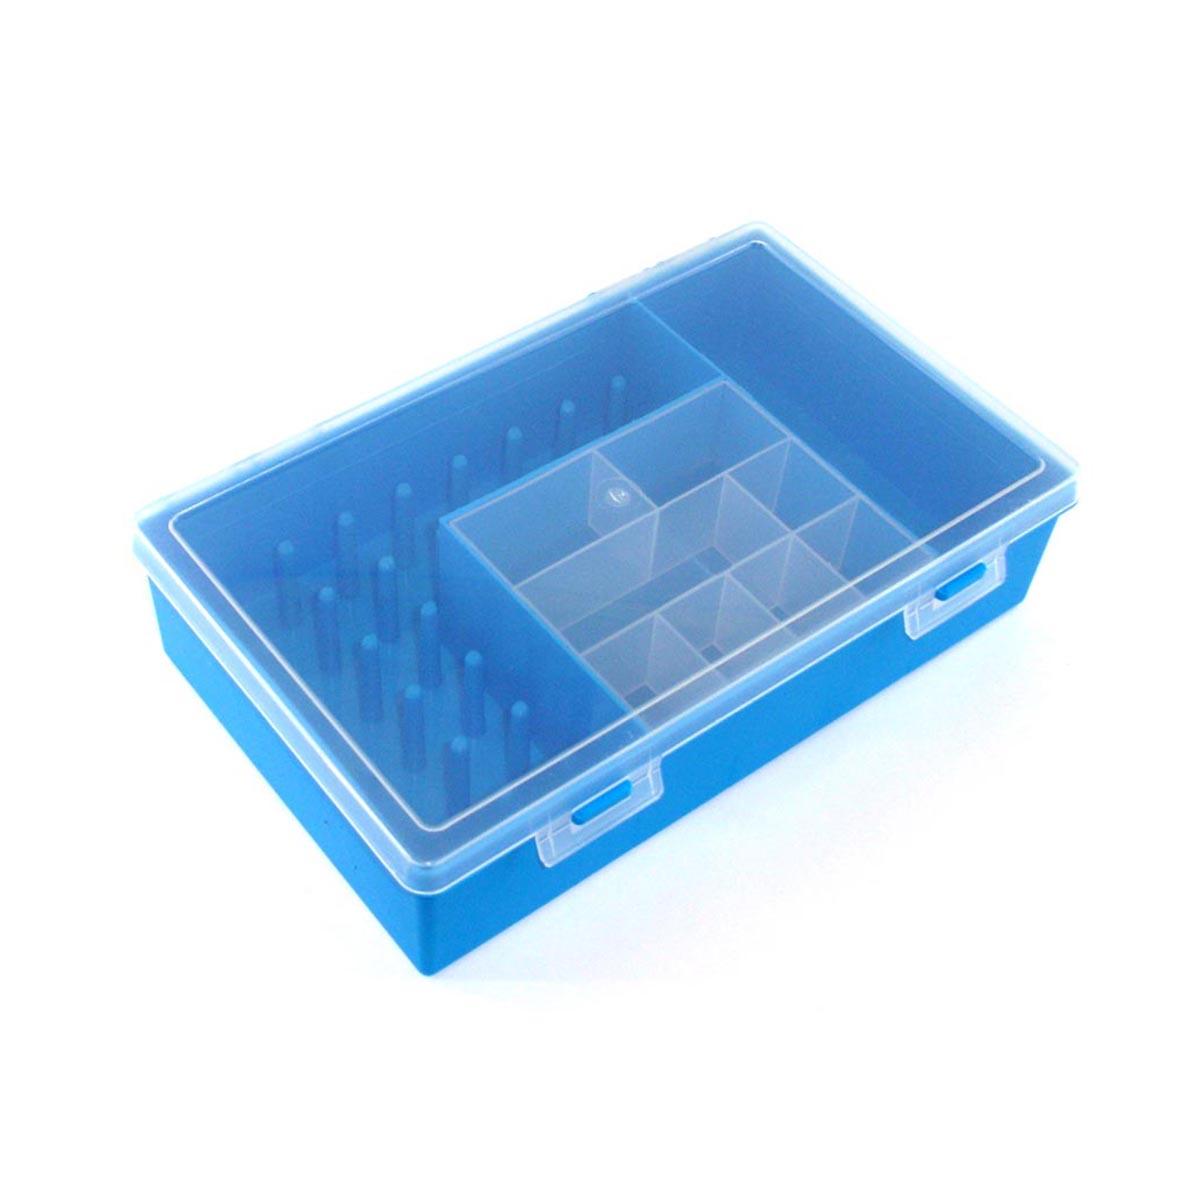 2868-1 ОРГАНАЙЗЕР для швейных принадлежностей синий